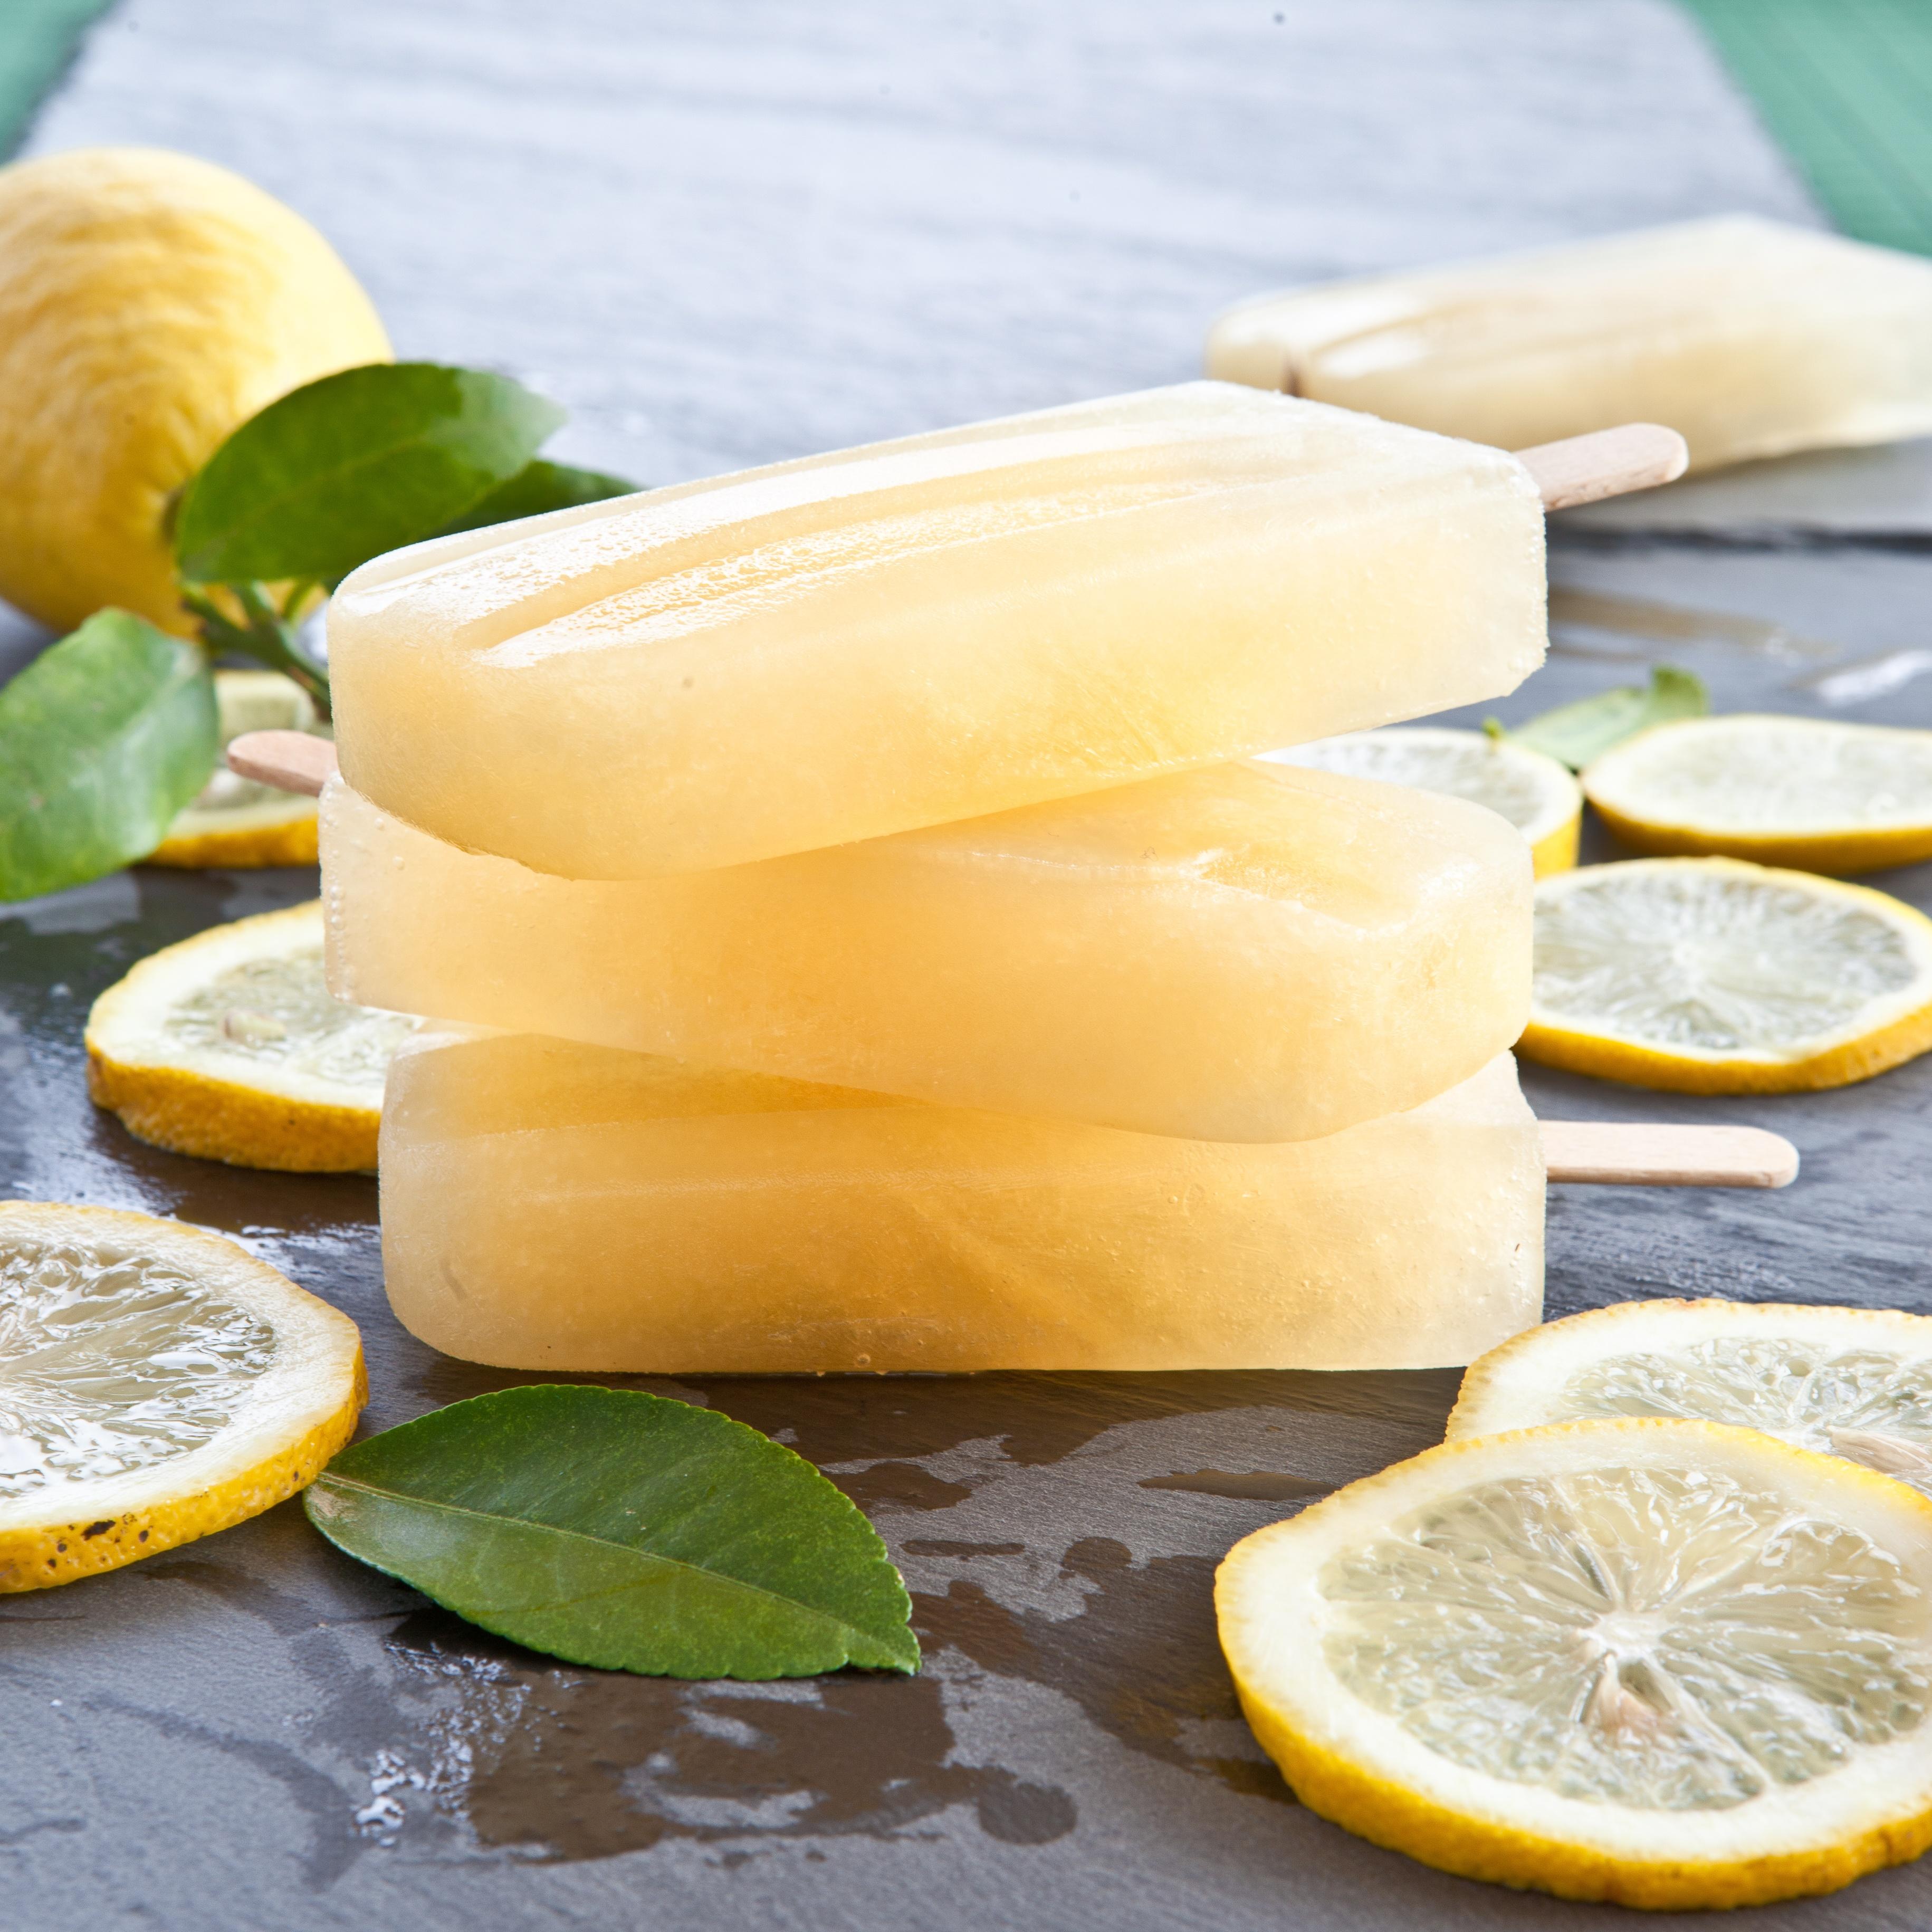 Lemon Ginger Ice Pops